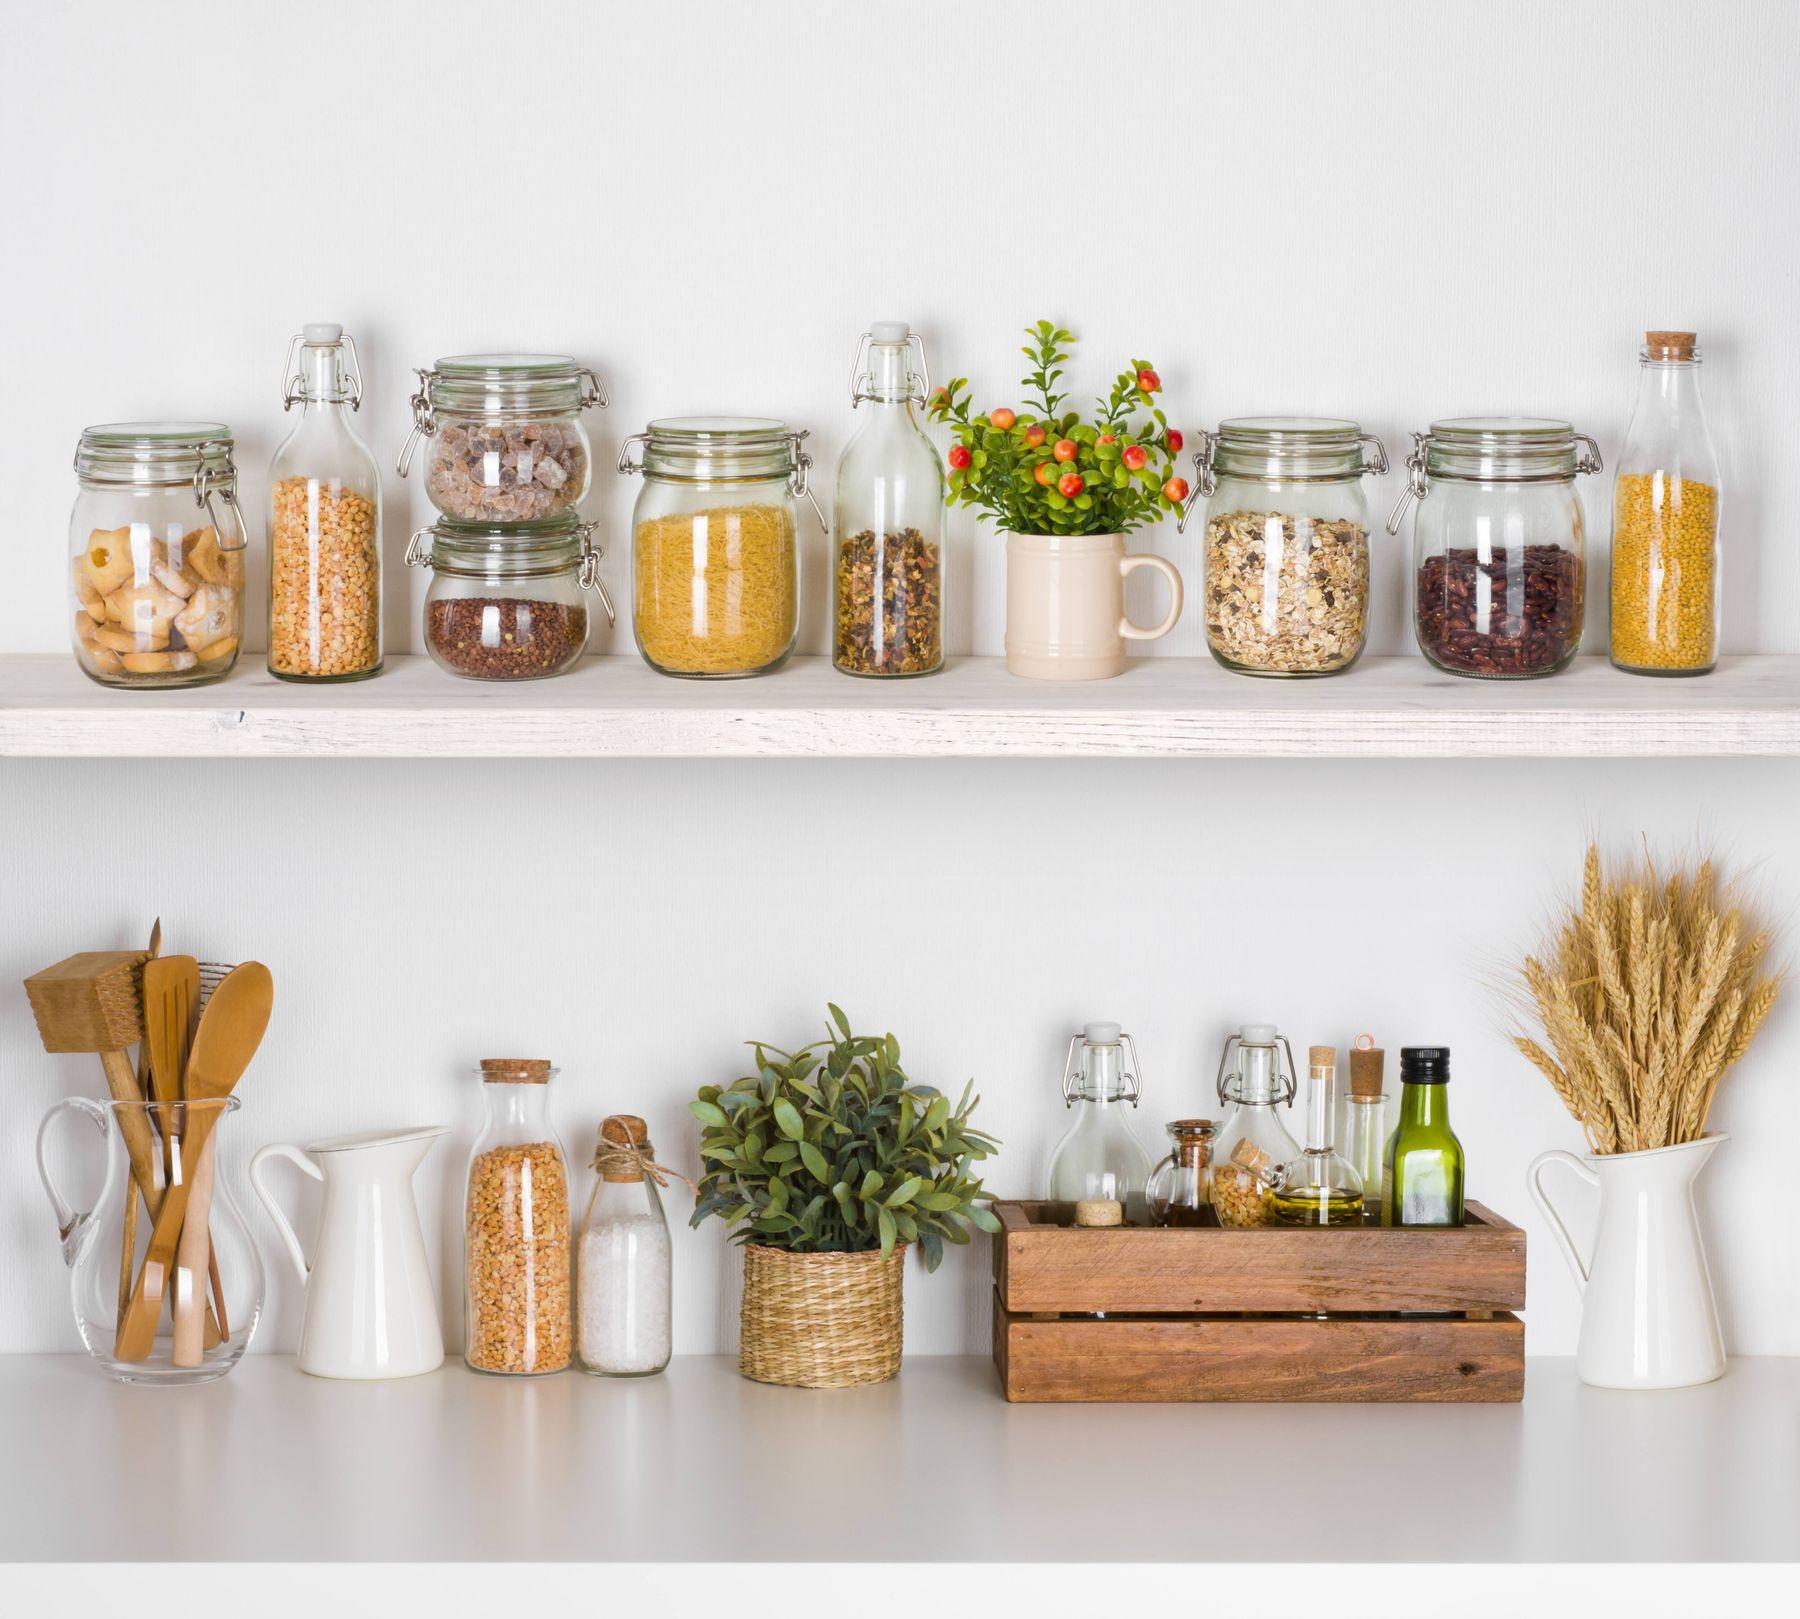 Comidas e temperos organizados em potes na prateleira